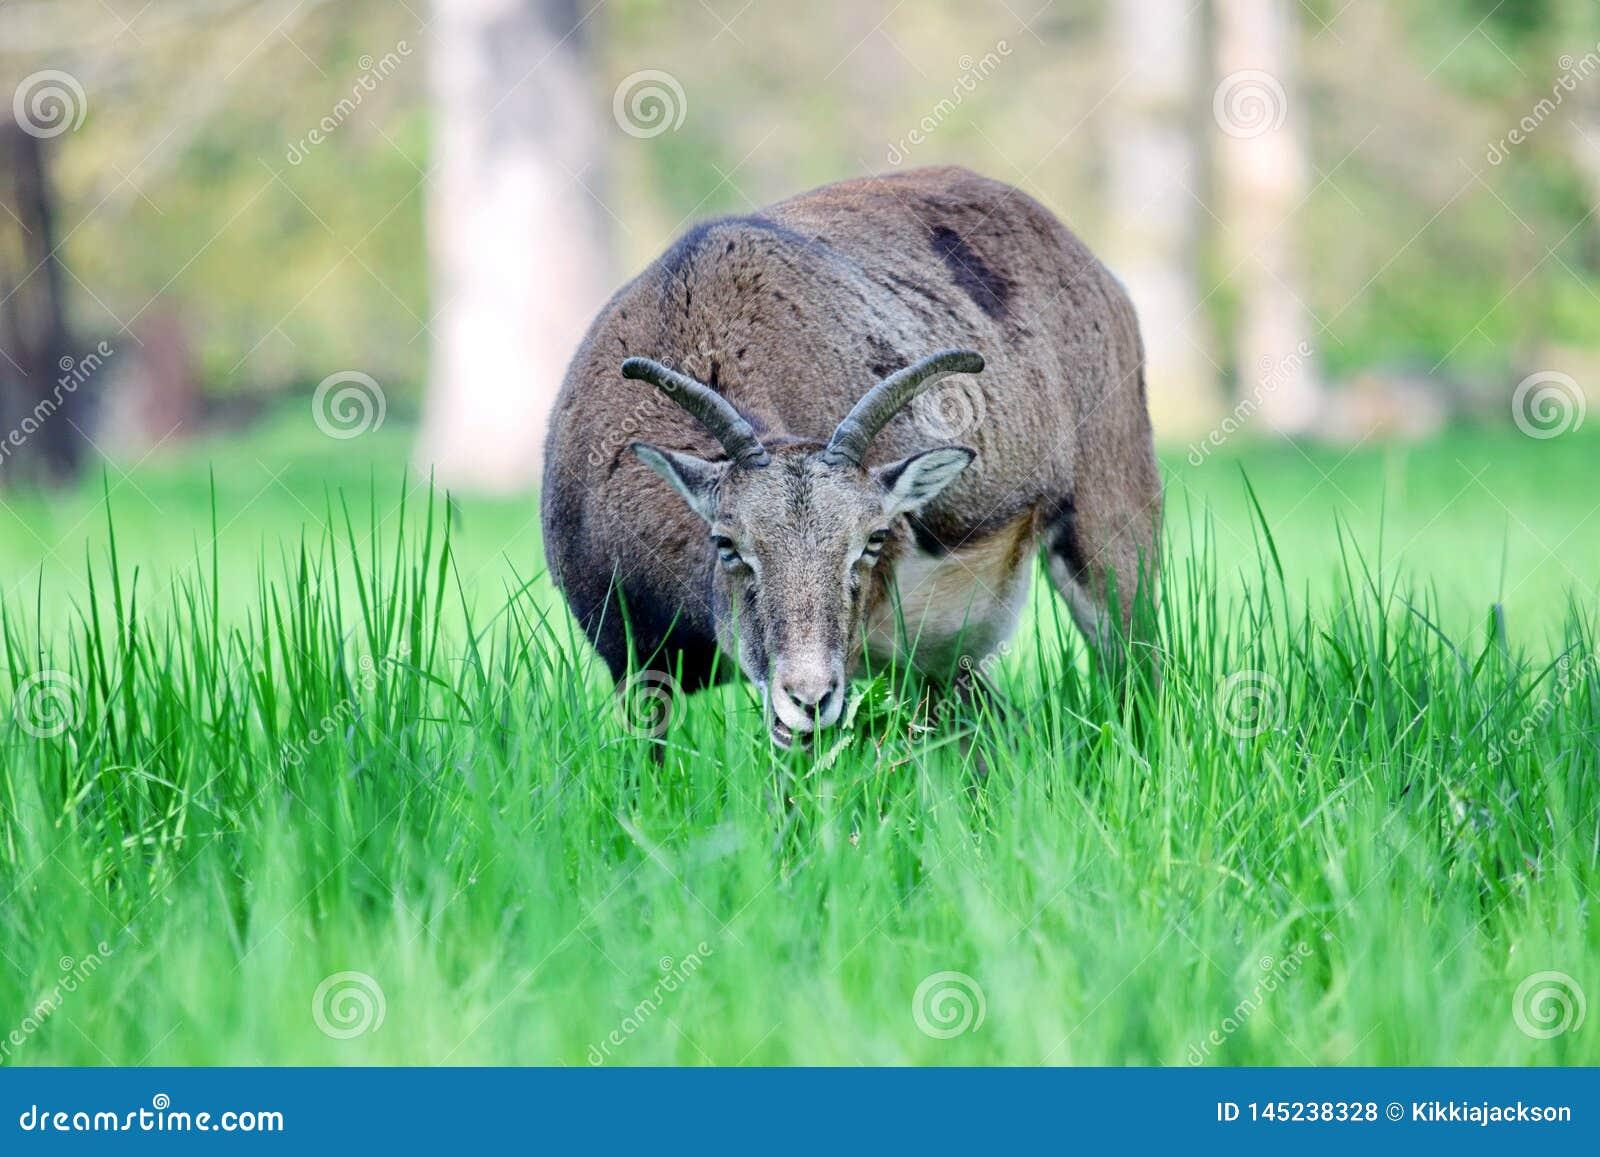 Ovis Aries Musimon Eating Grass Closeup de Mouflon